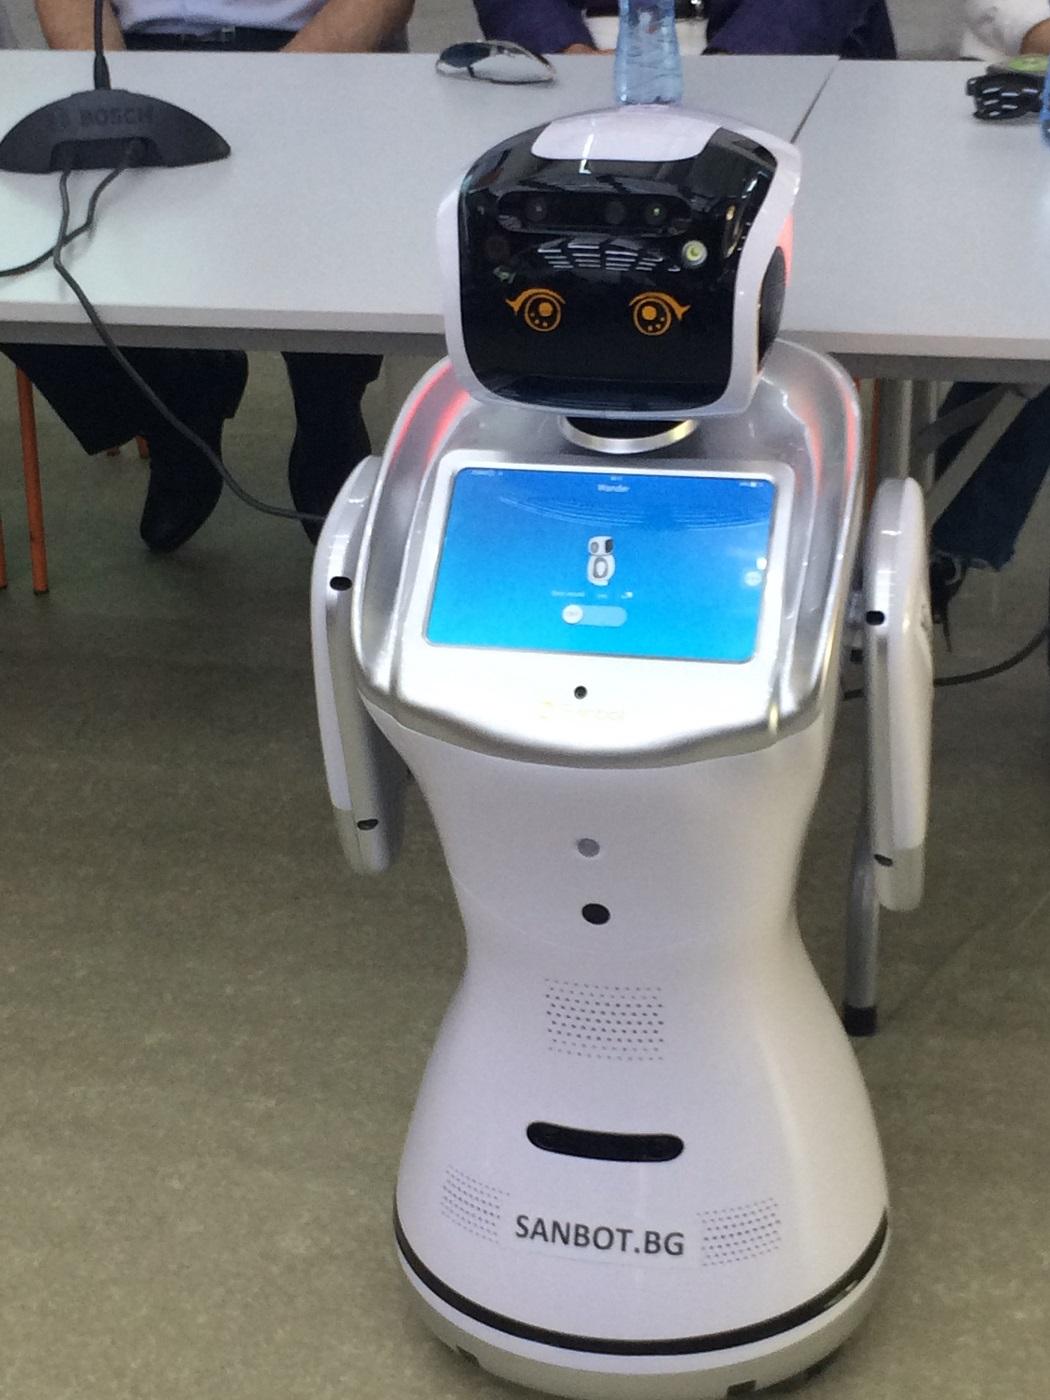 Хуманоиден робот посрещна кандидат-гимназистите в училището по програмиране